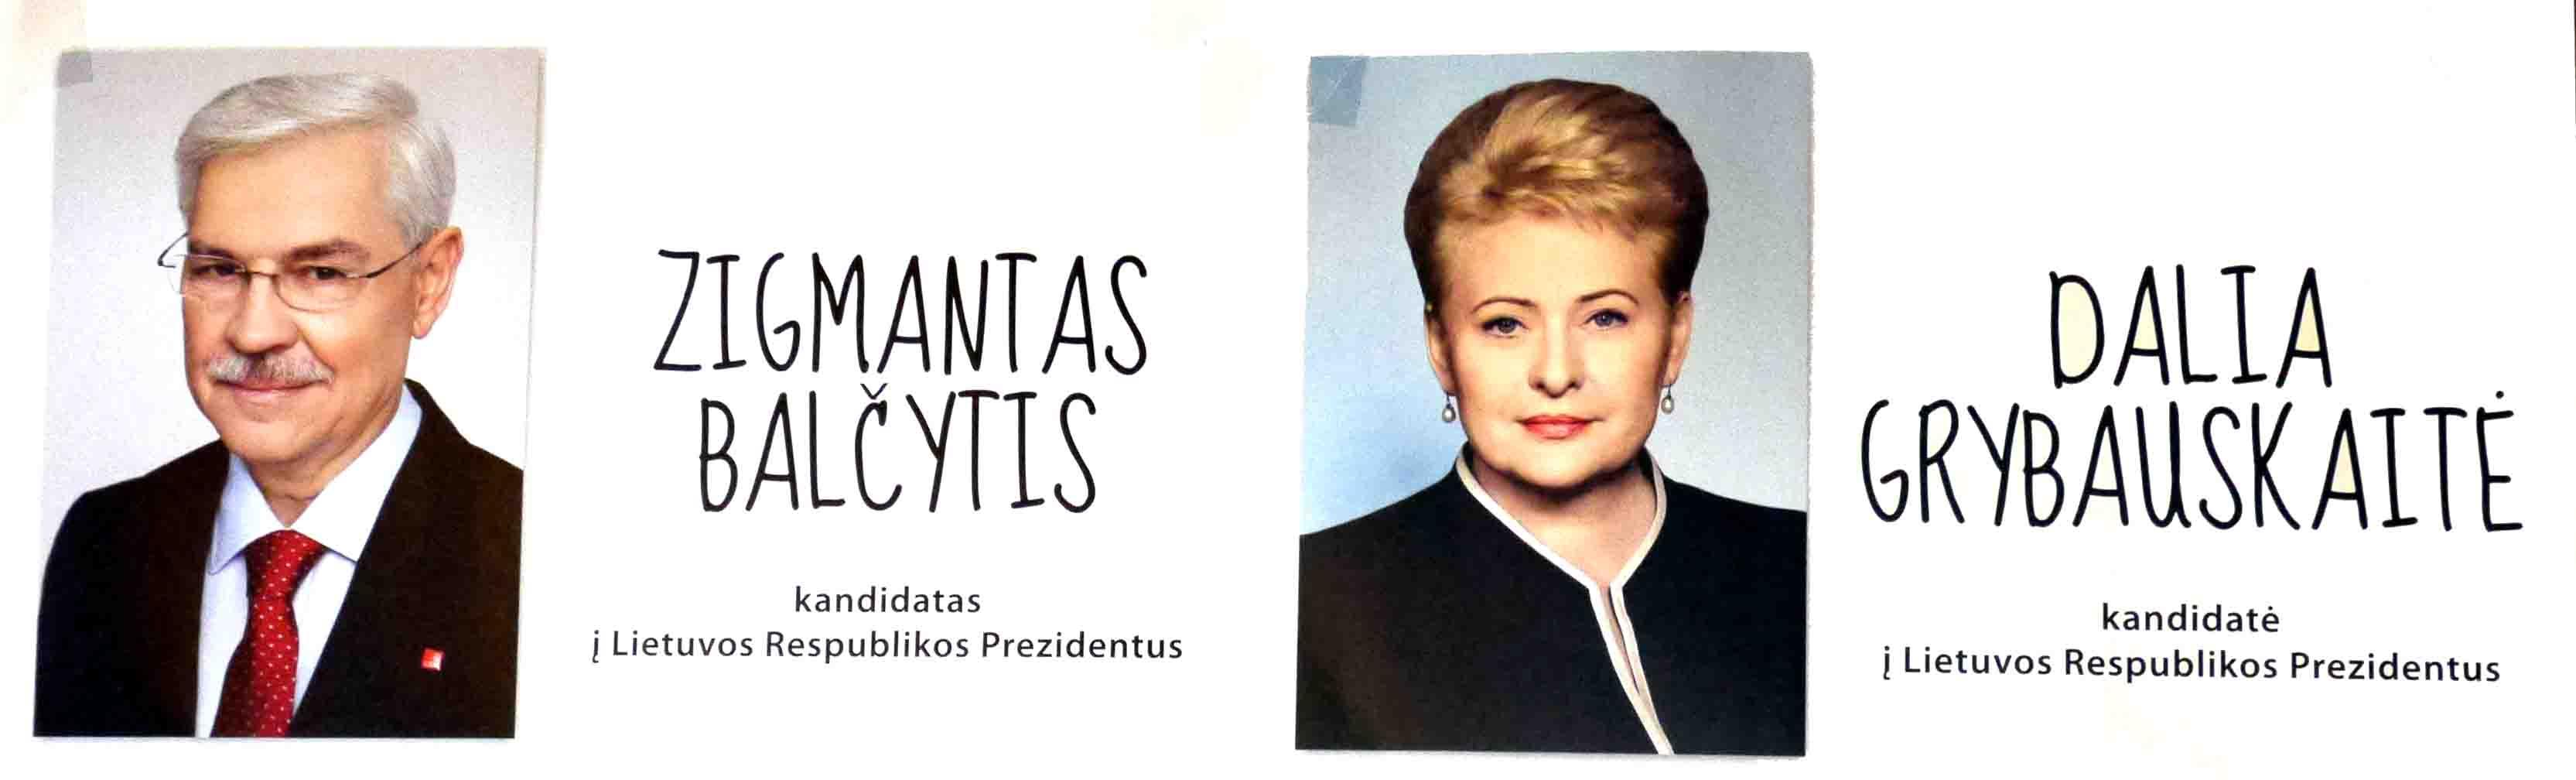 grybauskaite-balcytis